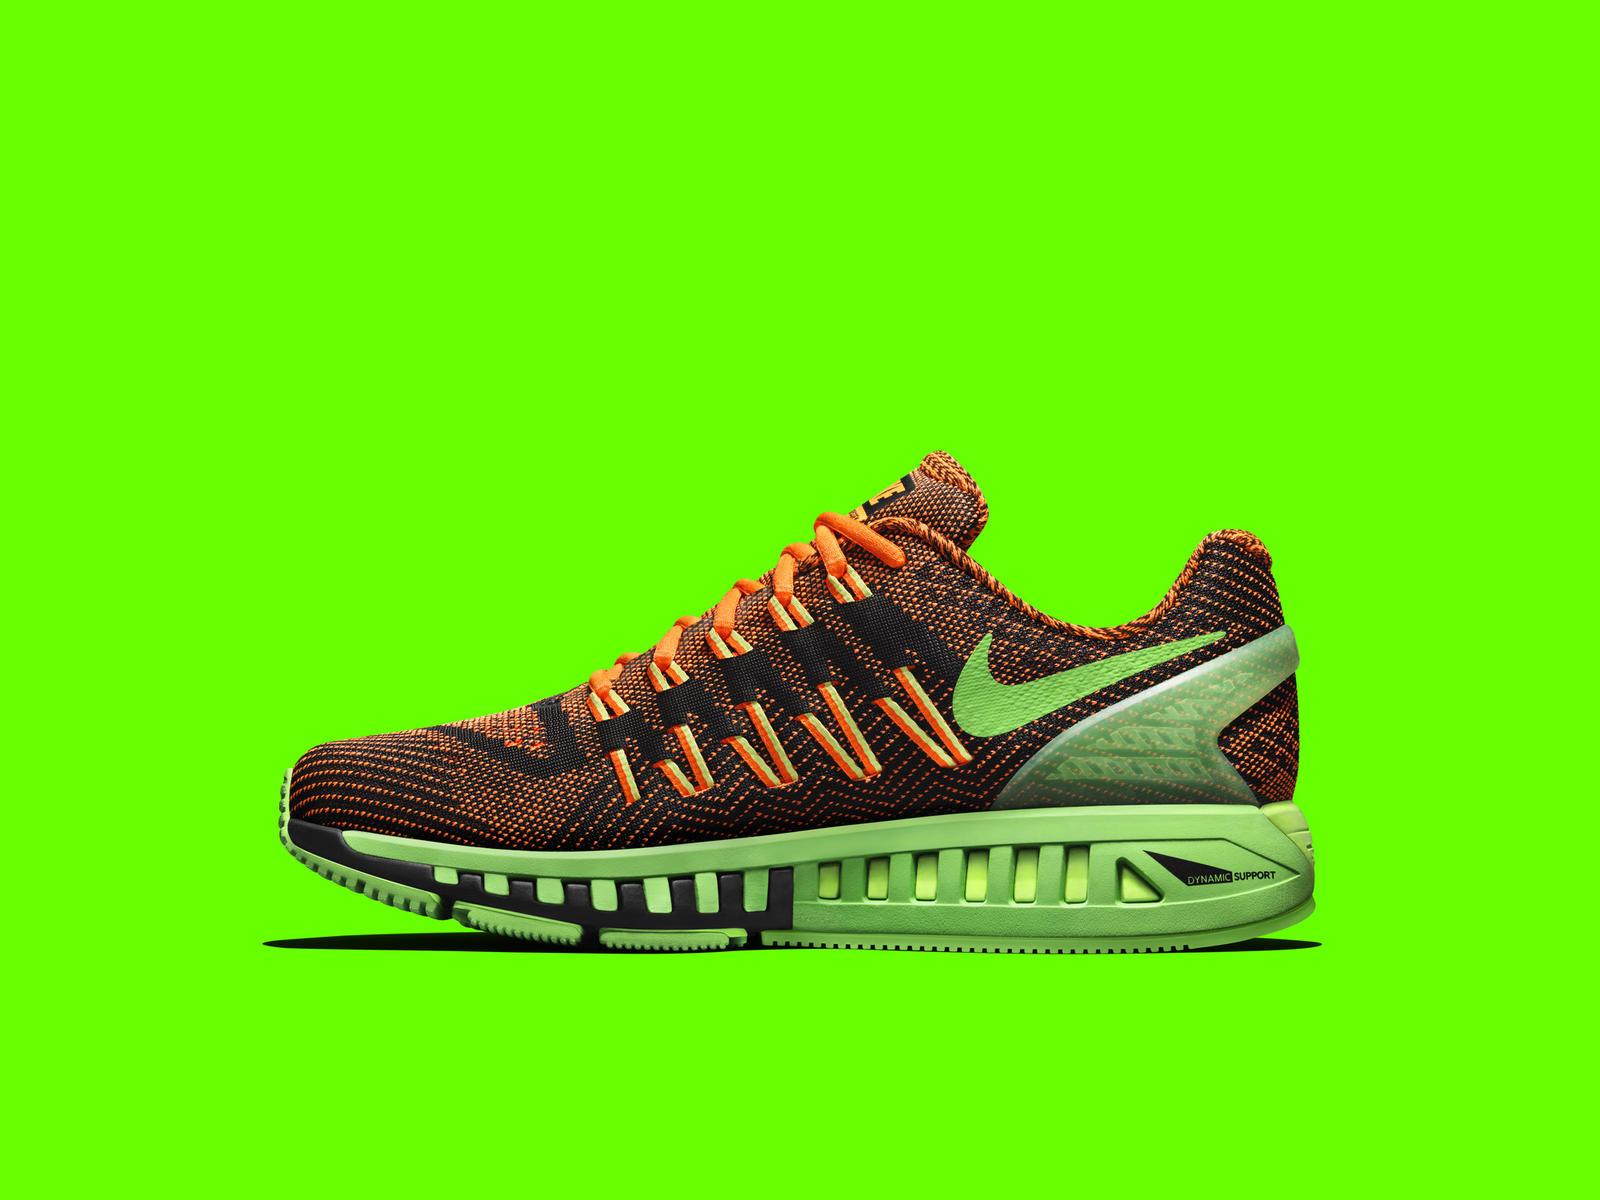 Nike Wmns Air Zoom Pegasus 33, Entra?nem